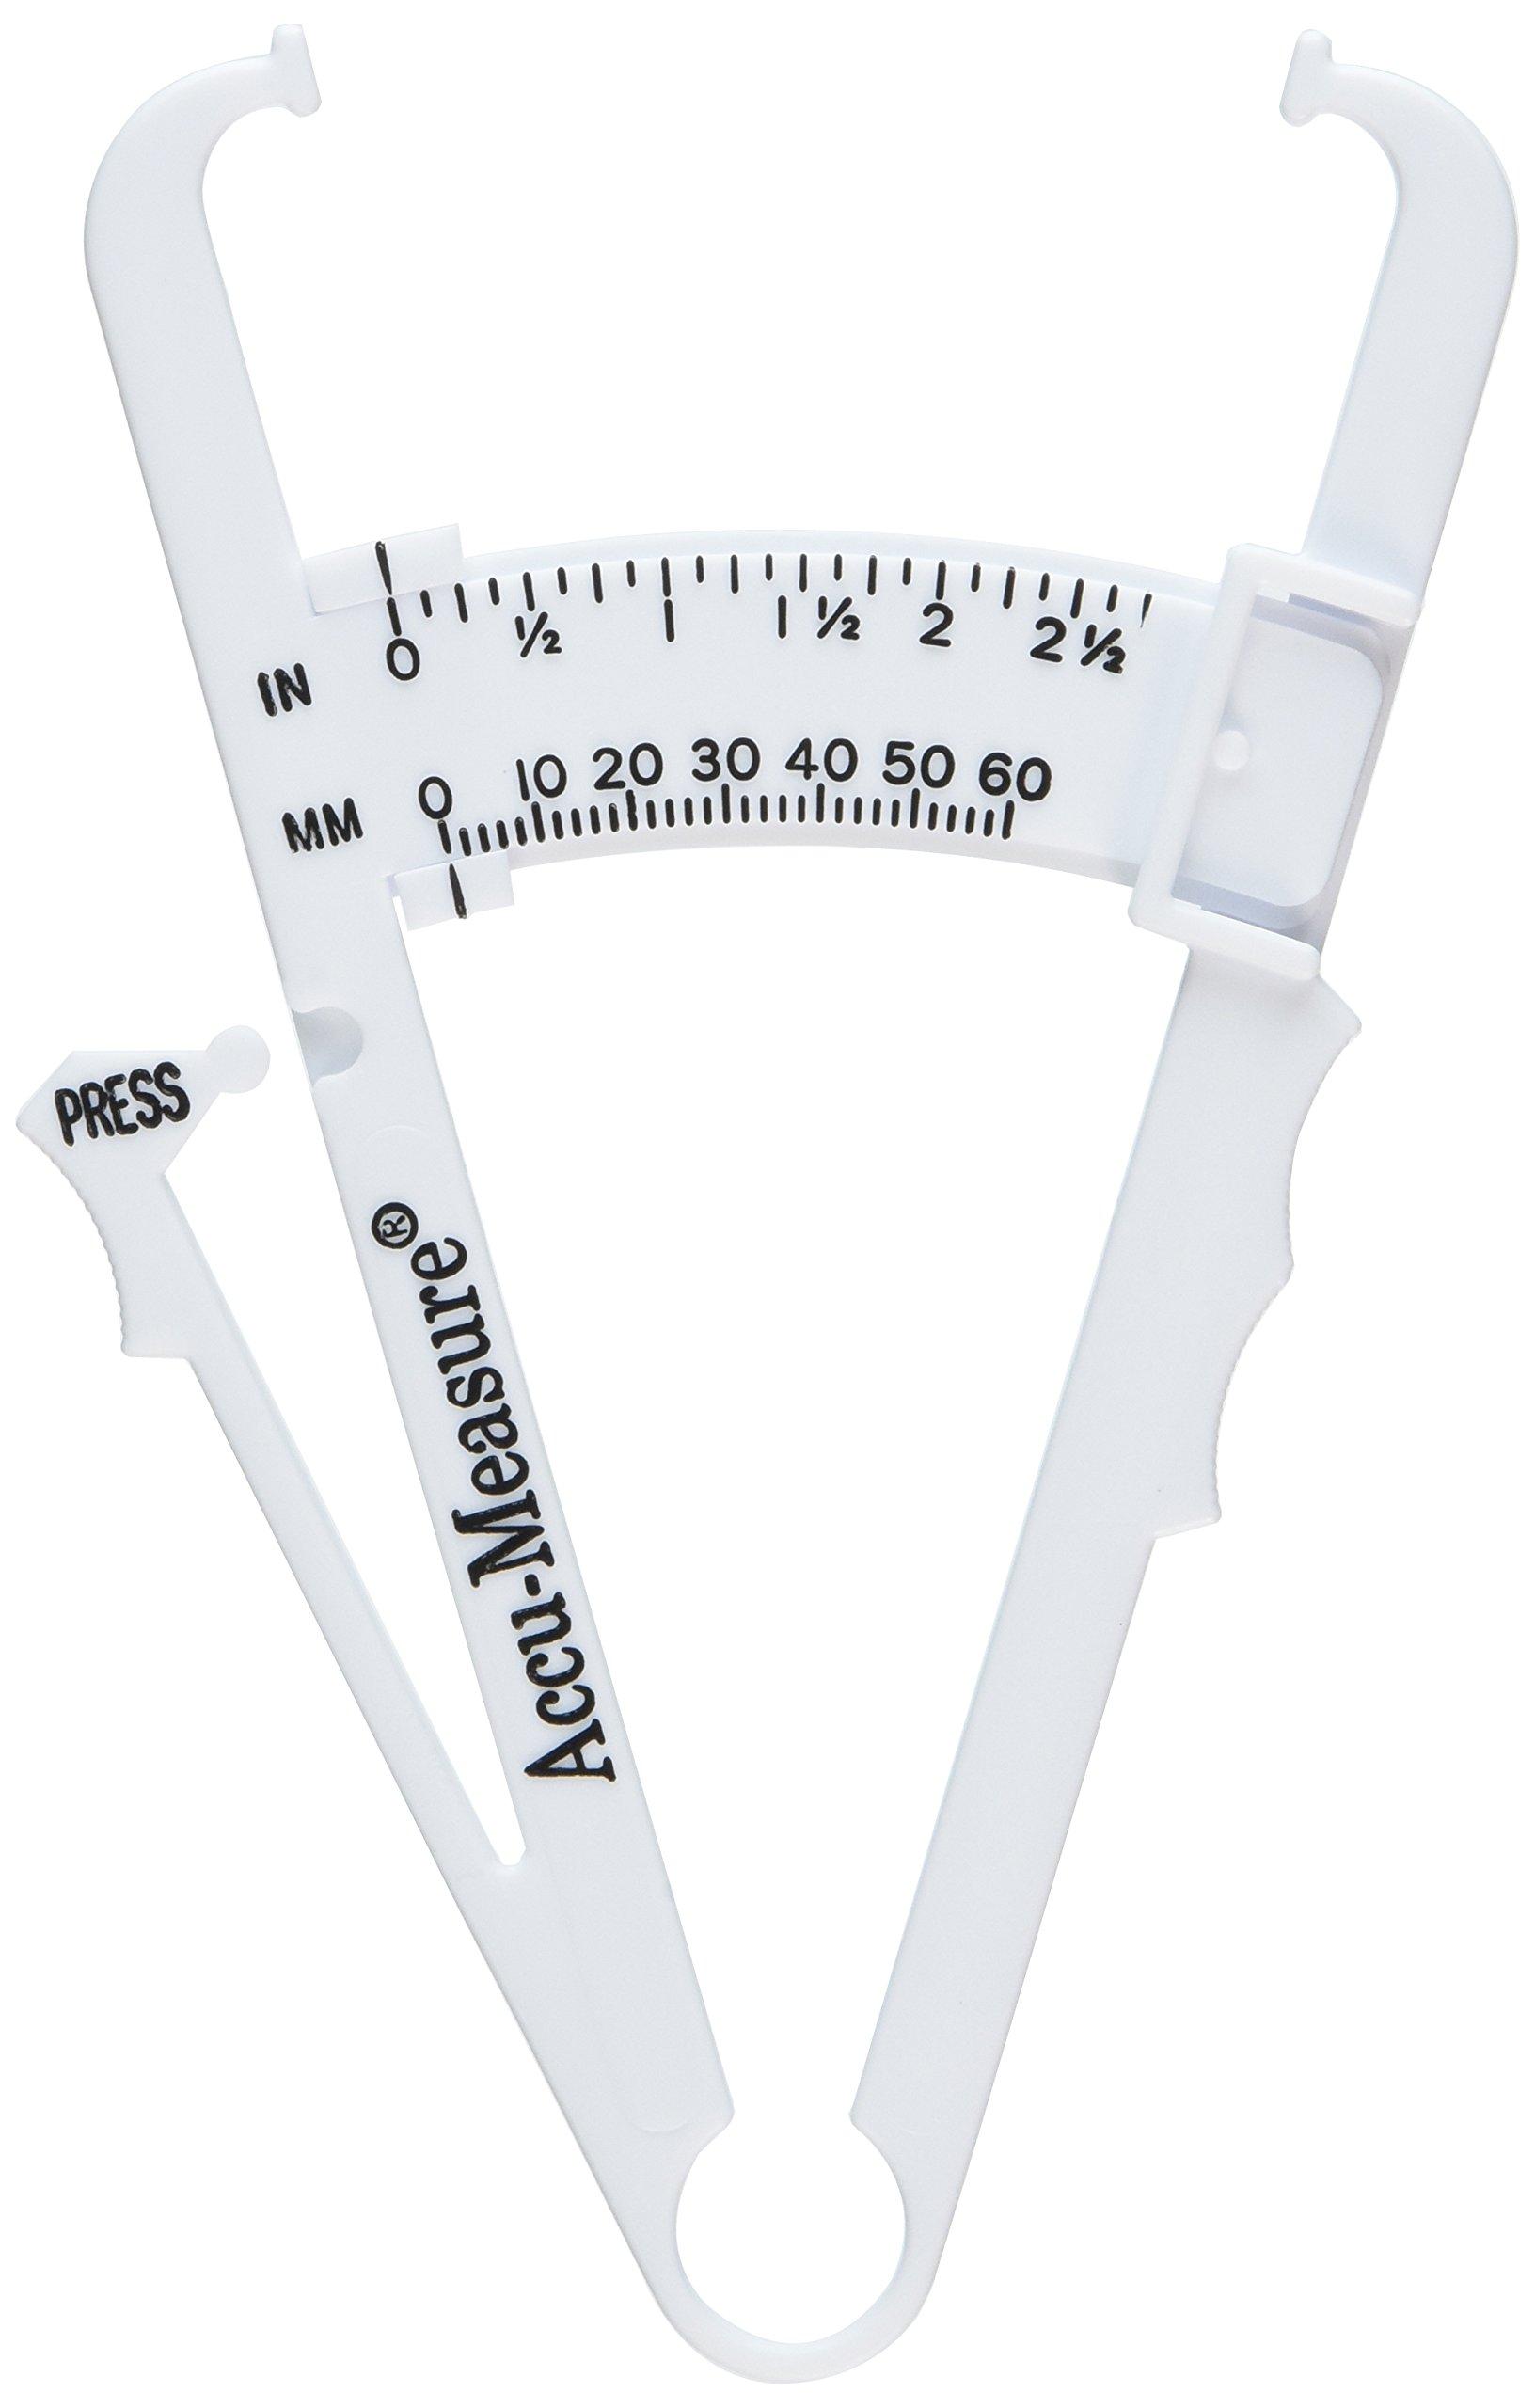 Accu-Measure Body Fat Caliper